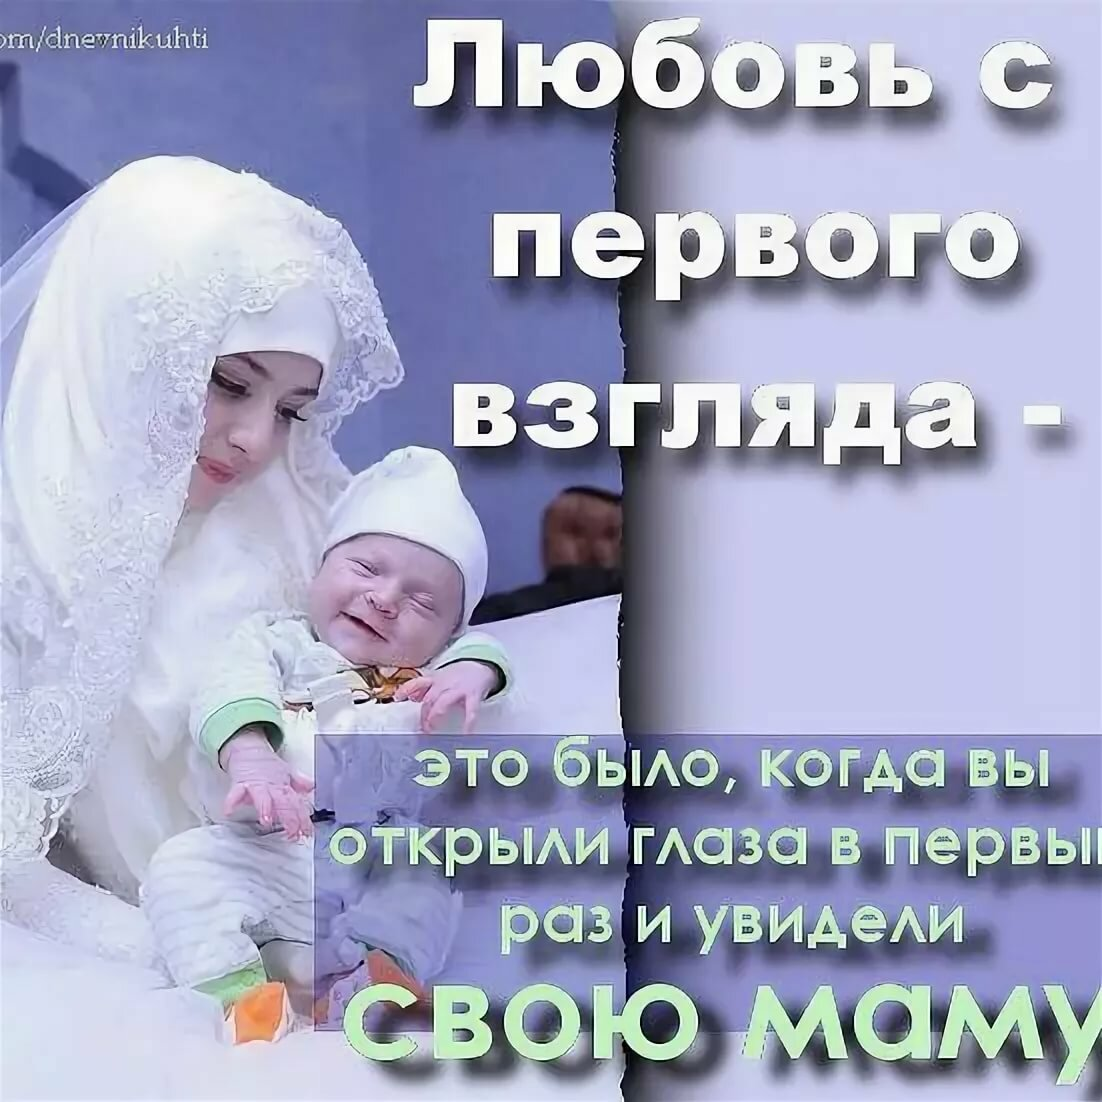 Поздравление на рождение ребенка у мусульман